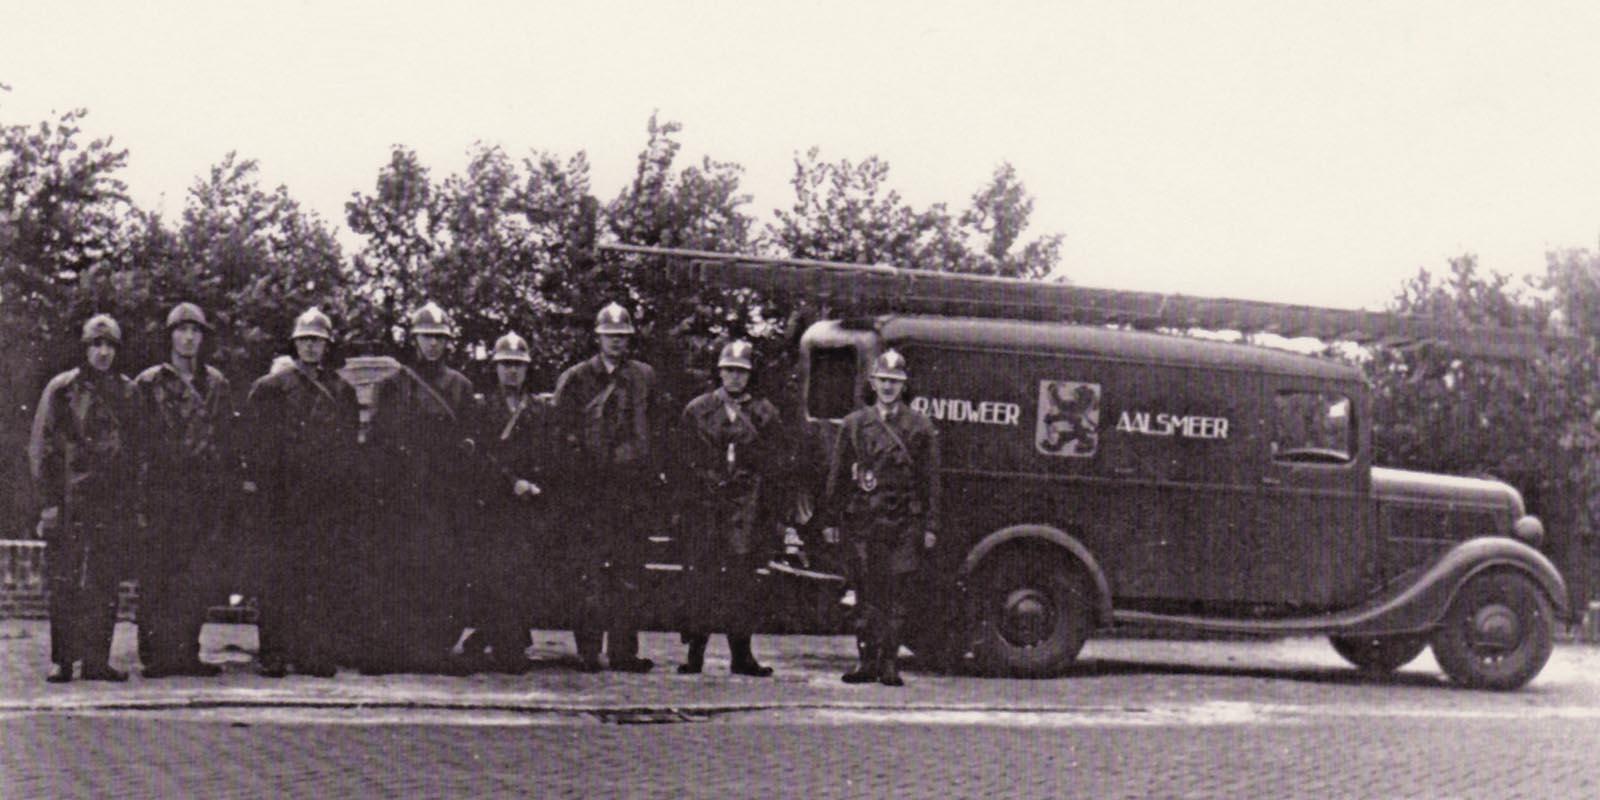 Een wedstrijdploeg van Brandweer Aalsmeer - deelnemend aan vaardigheidswedstrijden